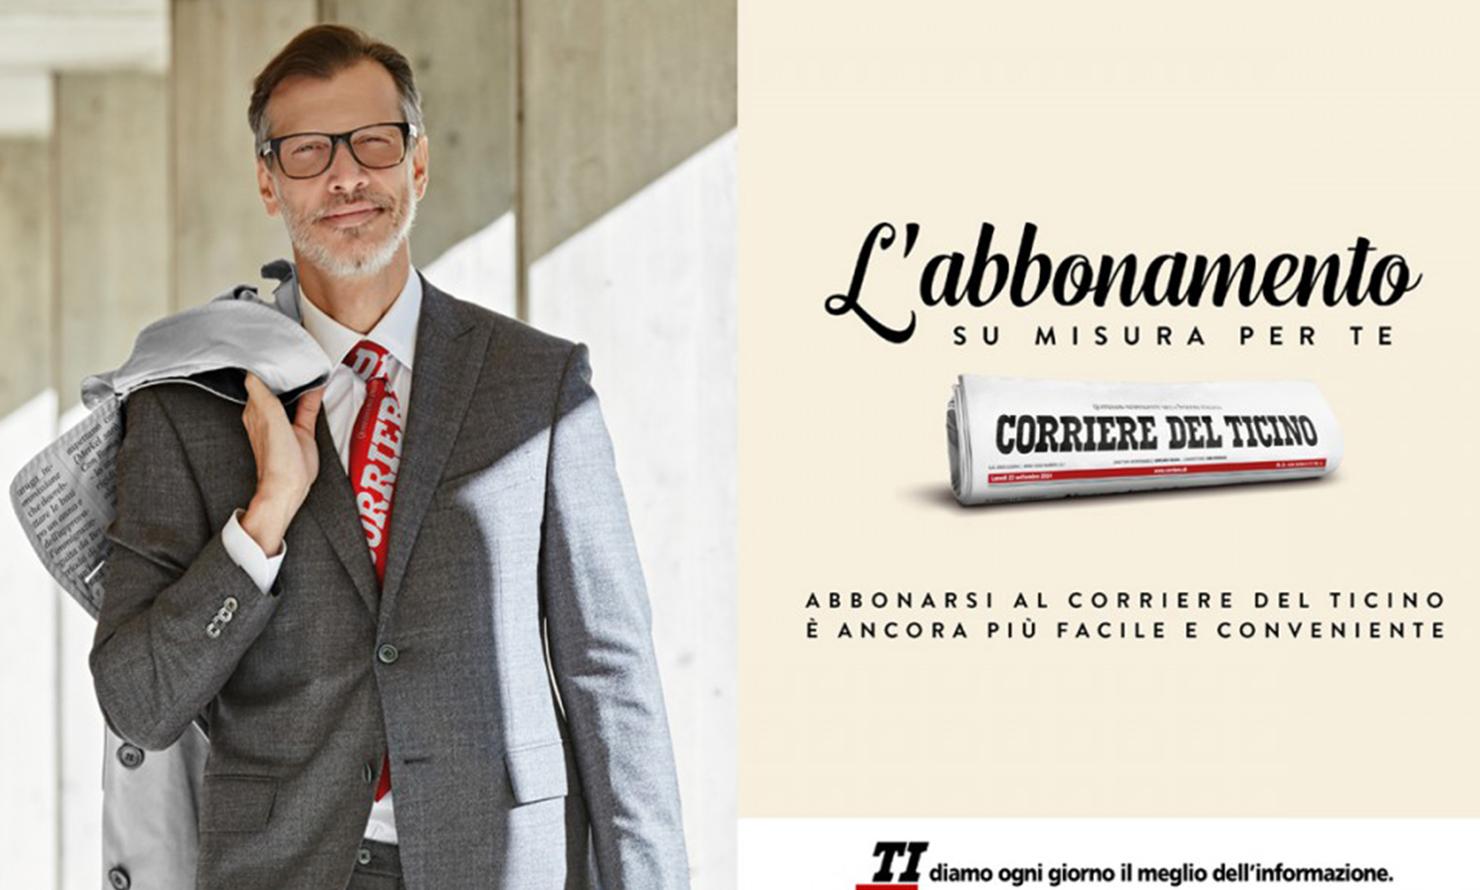 https://www.kubelibre.com/uploads/Slider-work-tutti-clienti/corriere-del-ticino-l-abbonamento-su-misura-per-te-4.jpg